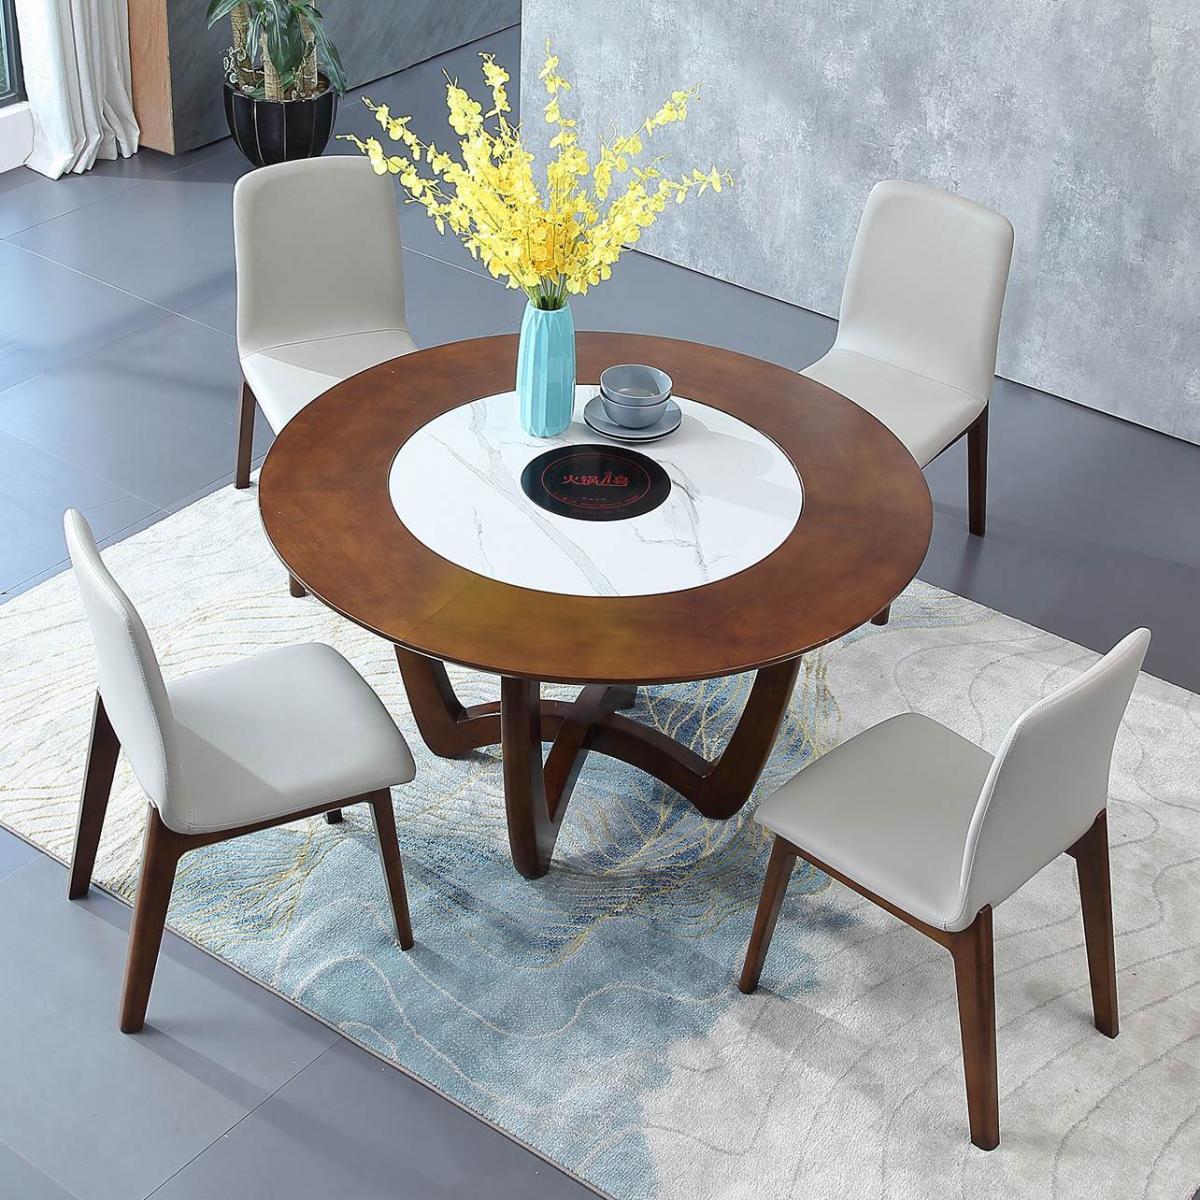 岩板内嵌式实木圆形餐桌椅组合带电磁炉1.2米大户型全实木圆桌